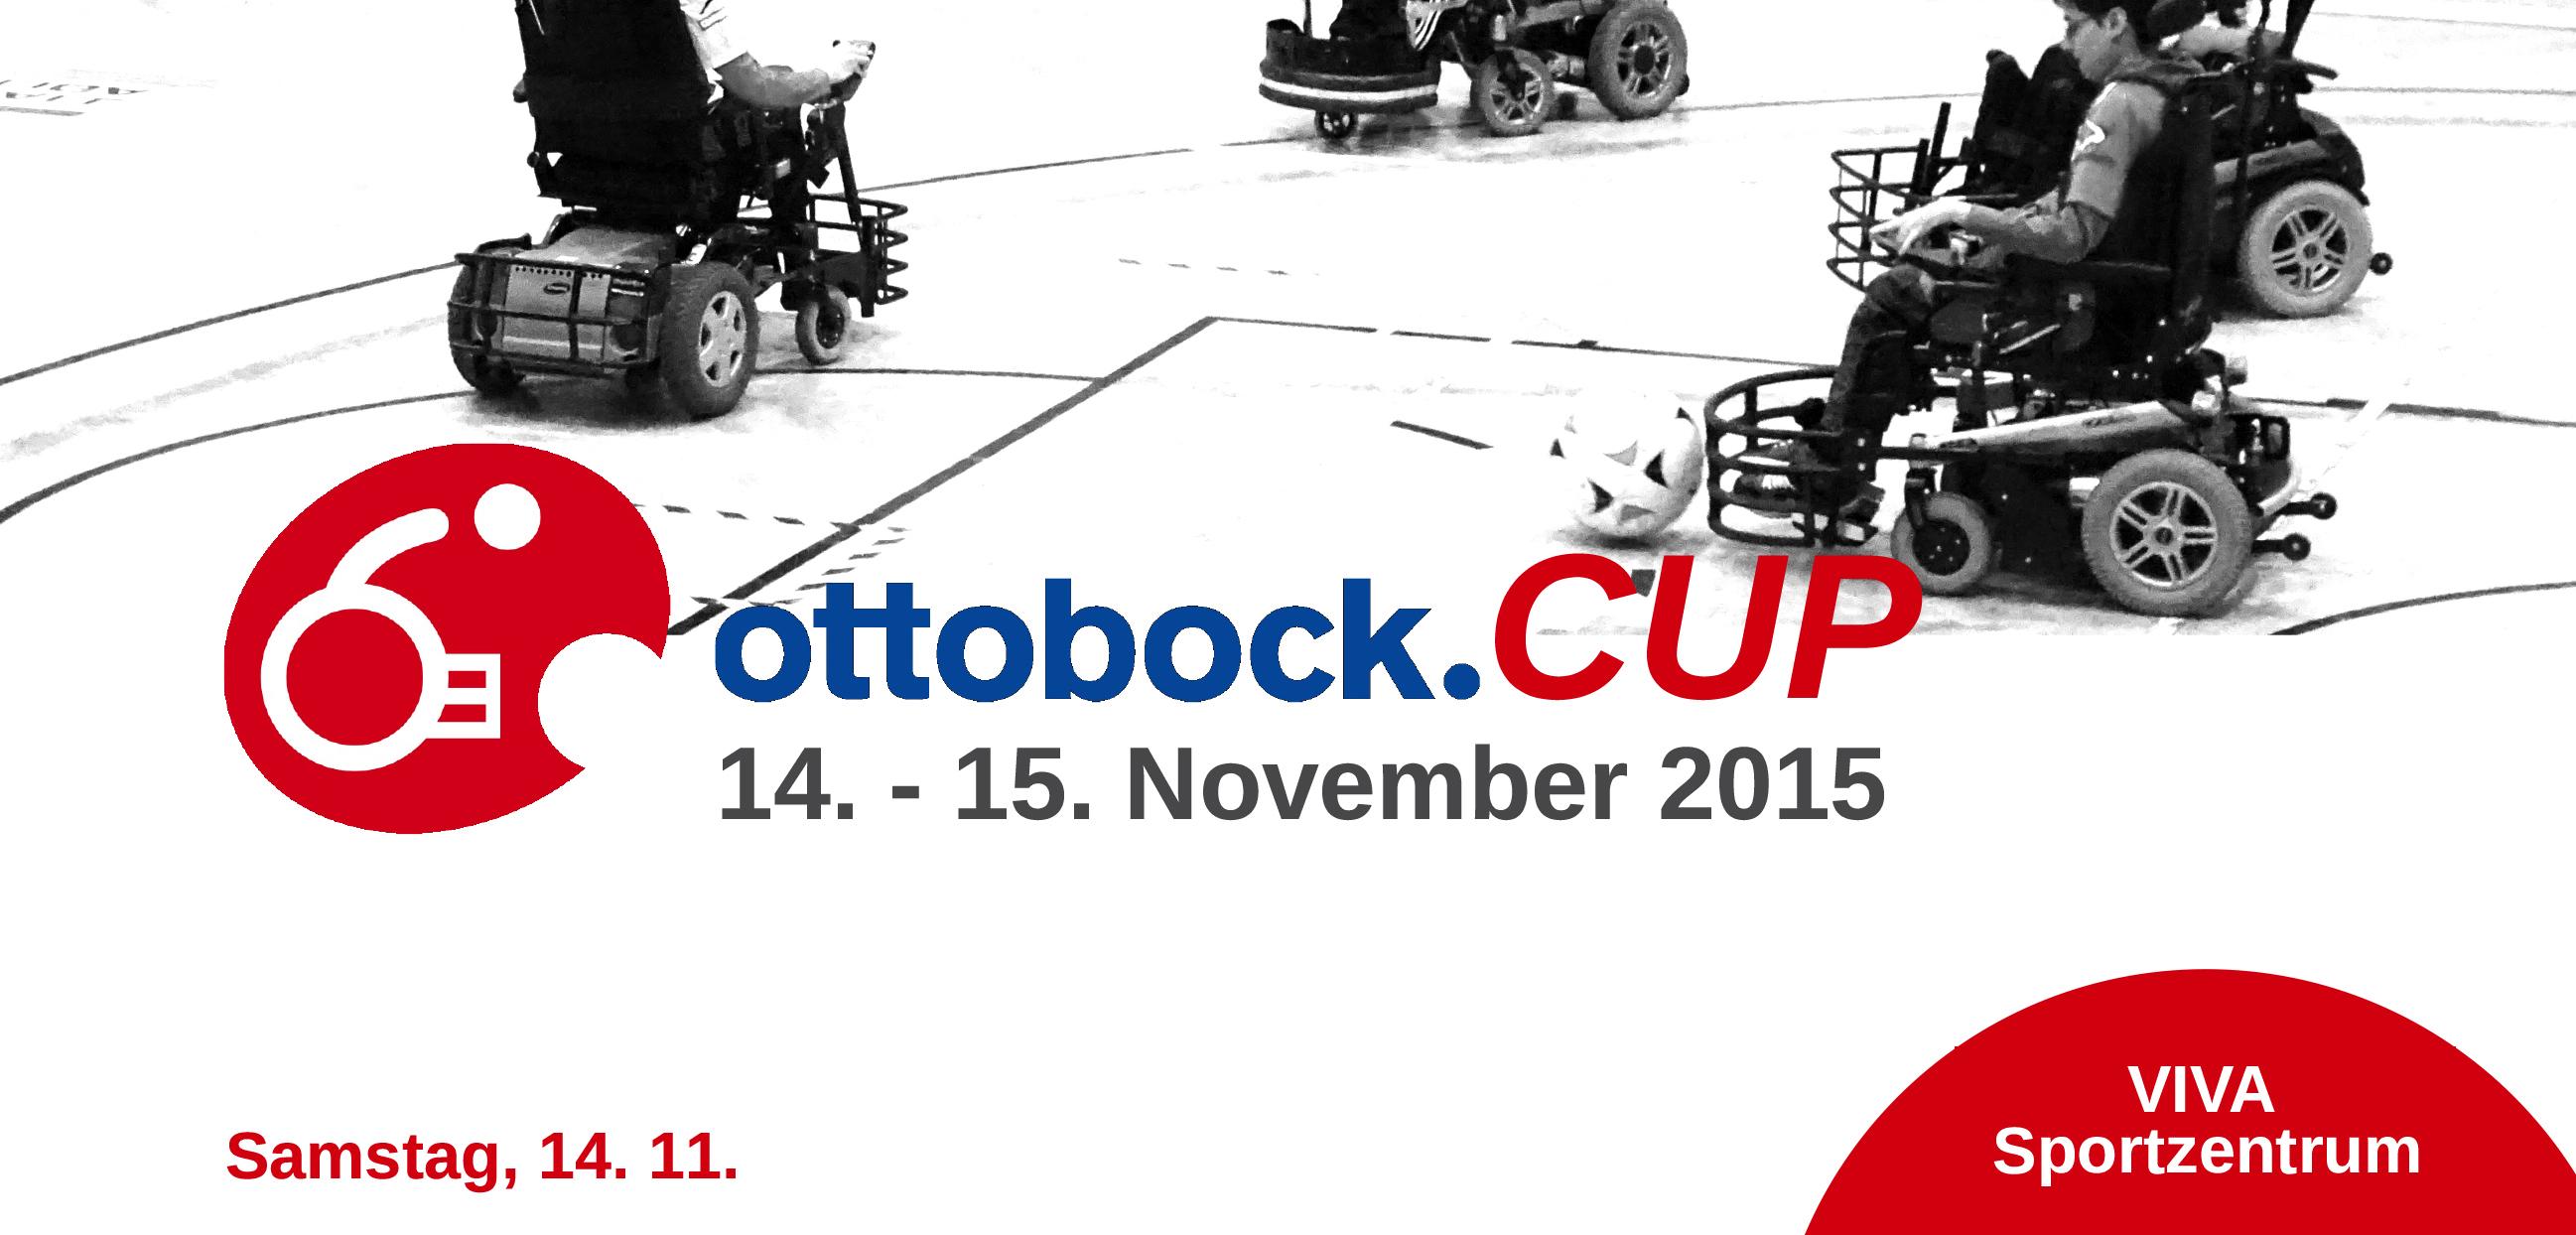 ottbock.CUP 2015